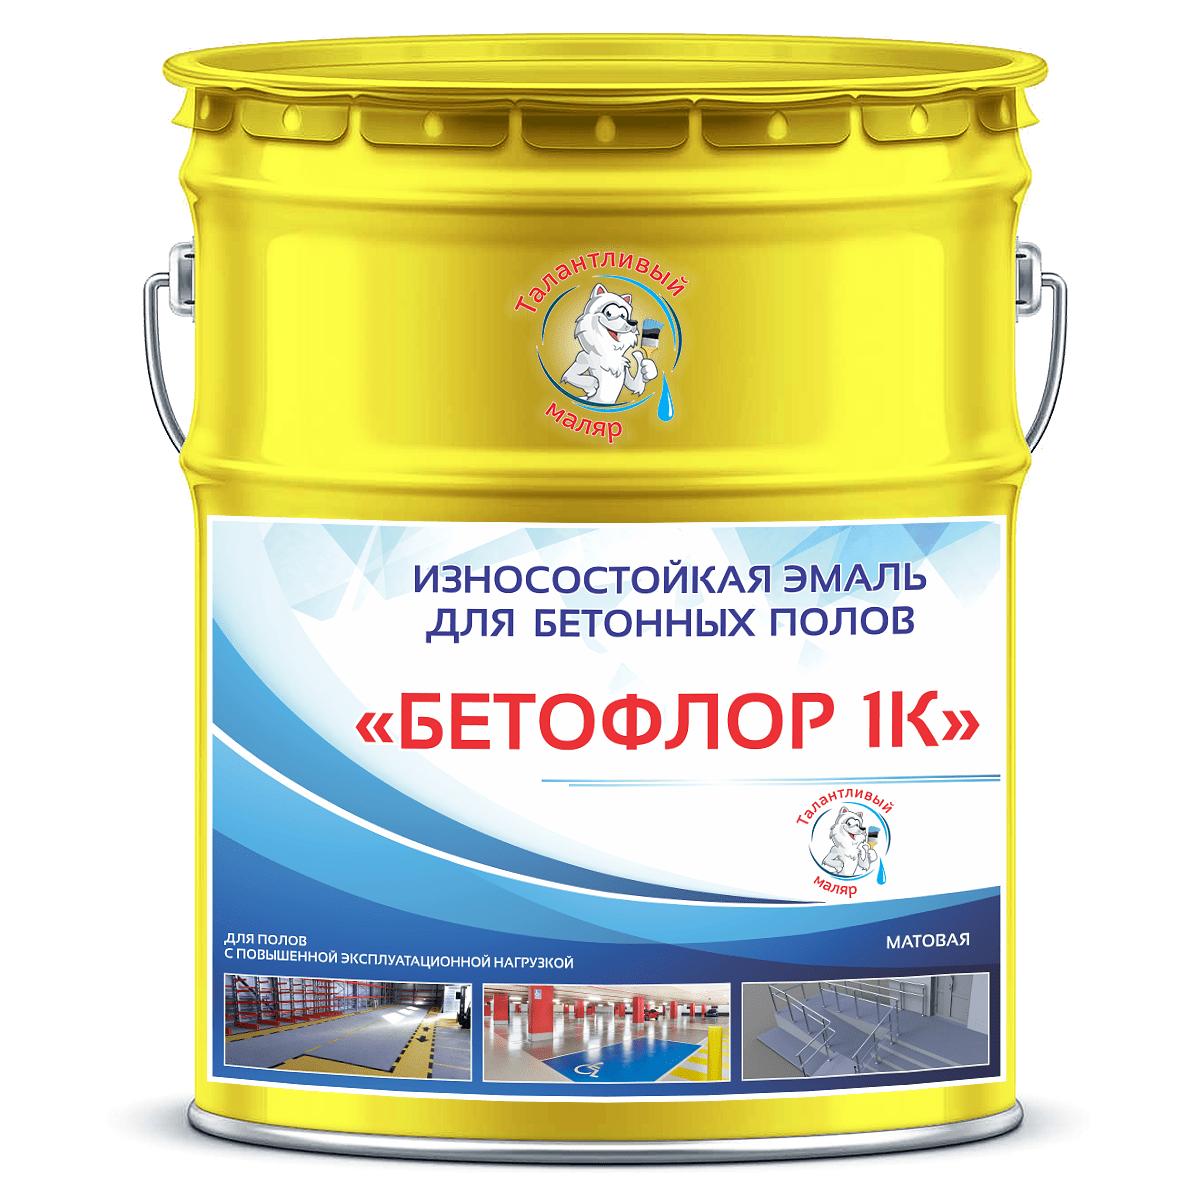 """Фото 10 - BF1012 Эмаль для бетонных полов """"Бетофлор"""" 1К цвет RAL 1012 Лимонно-жёлтый, матовая износостойкая, 25 кг """"Талантливый Маляр""""."""